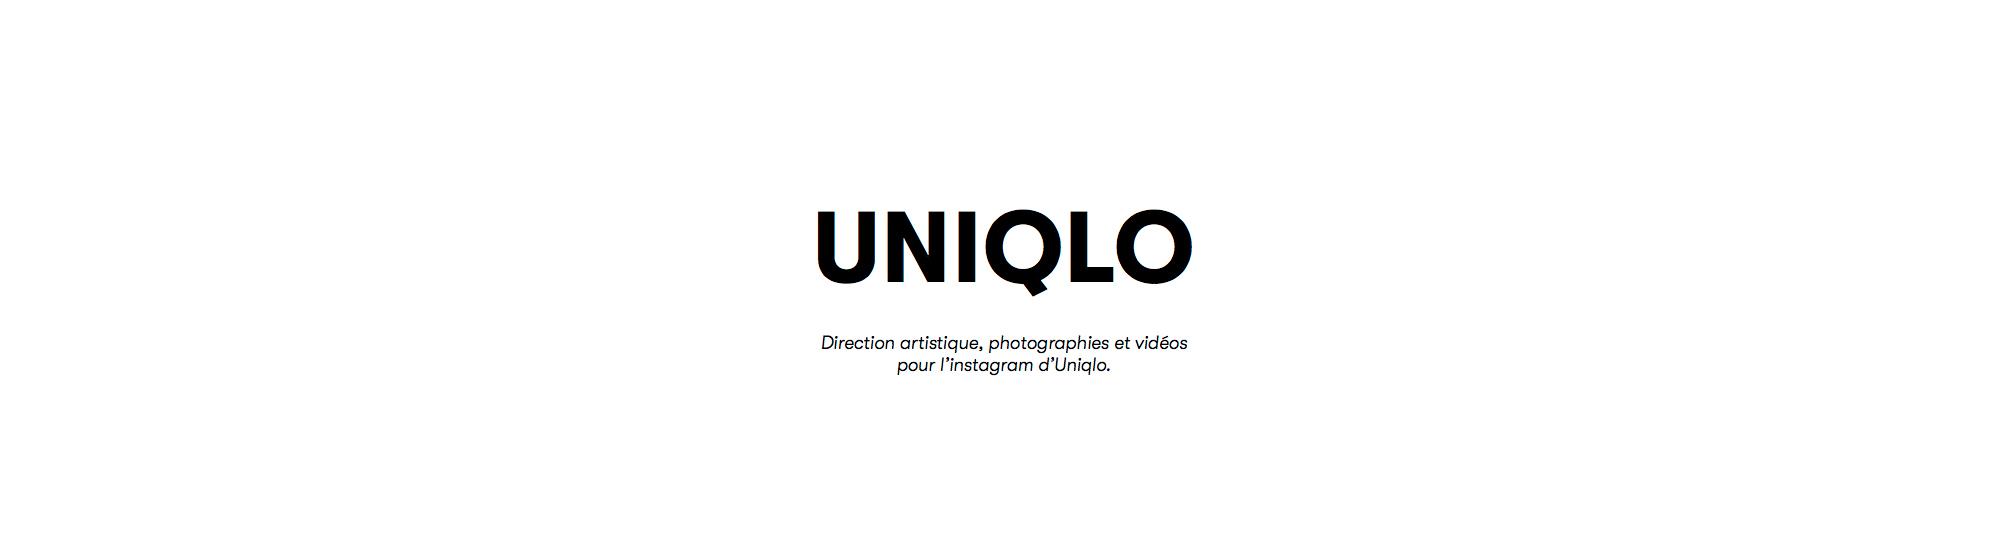 Uniqlotitre1.jpg